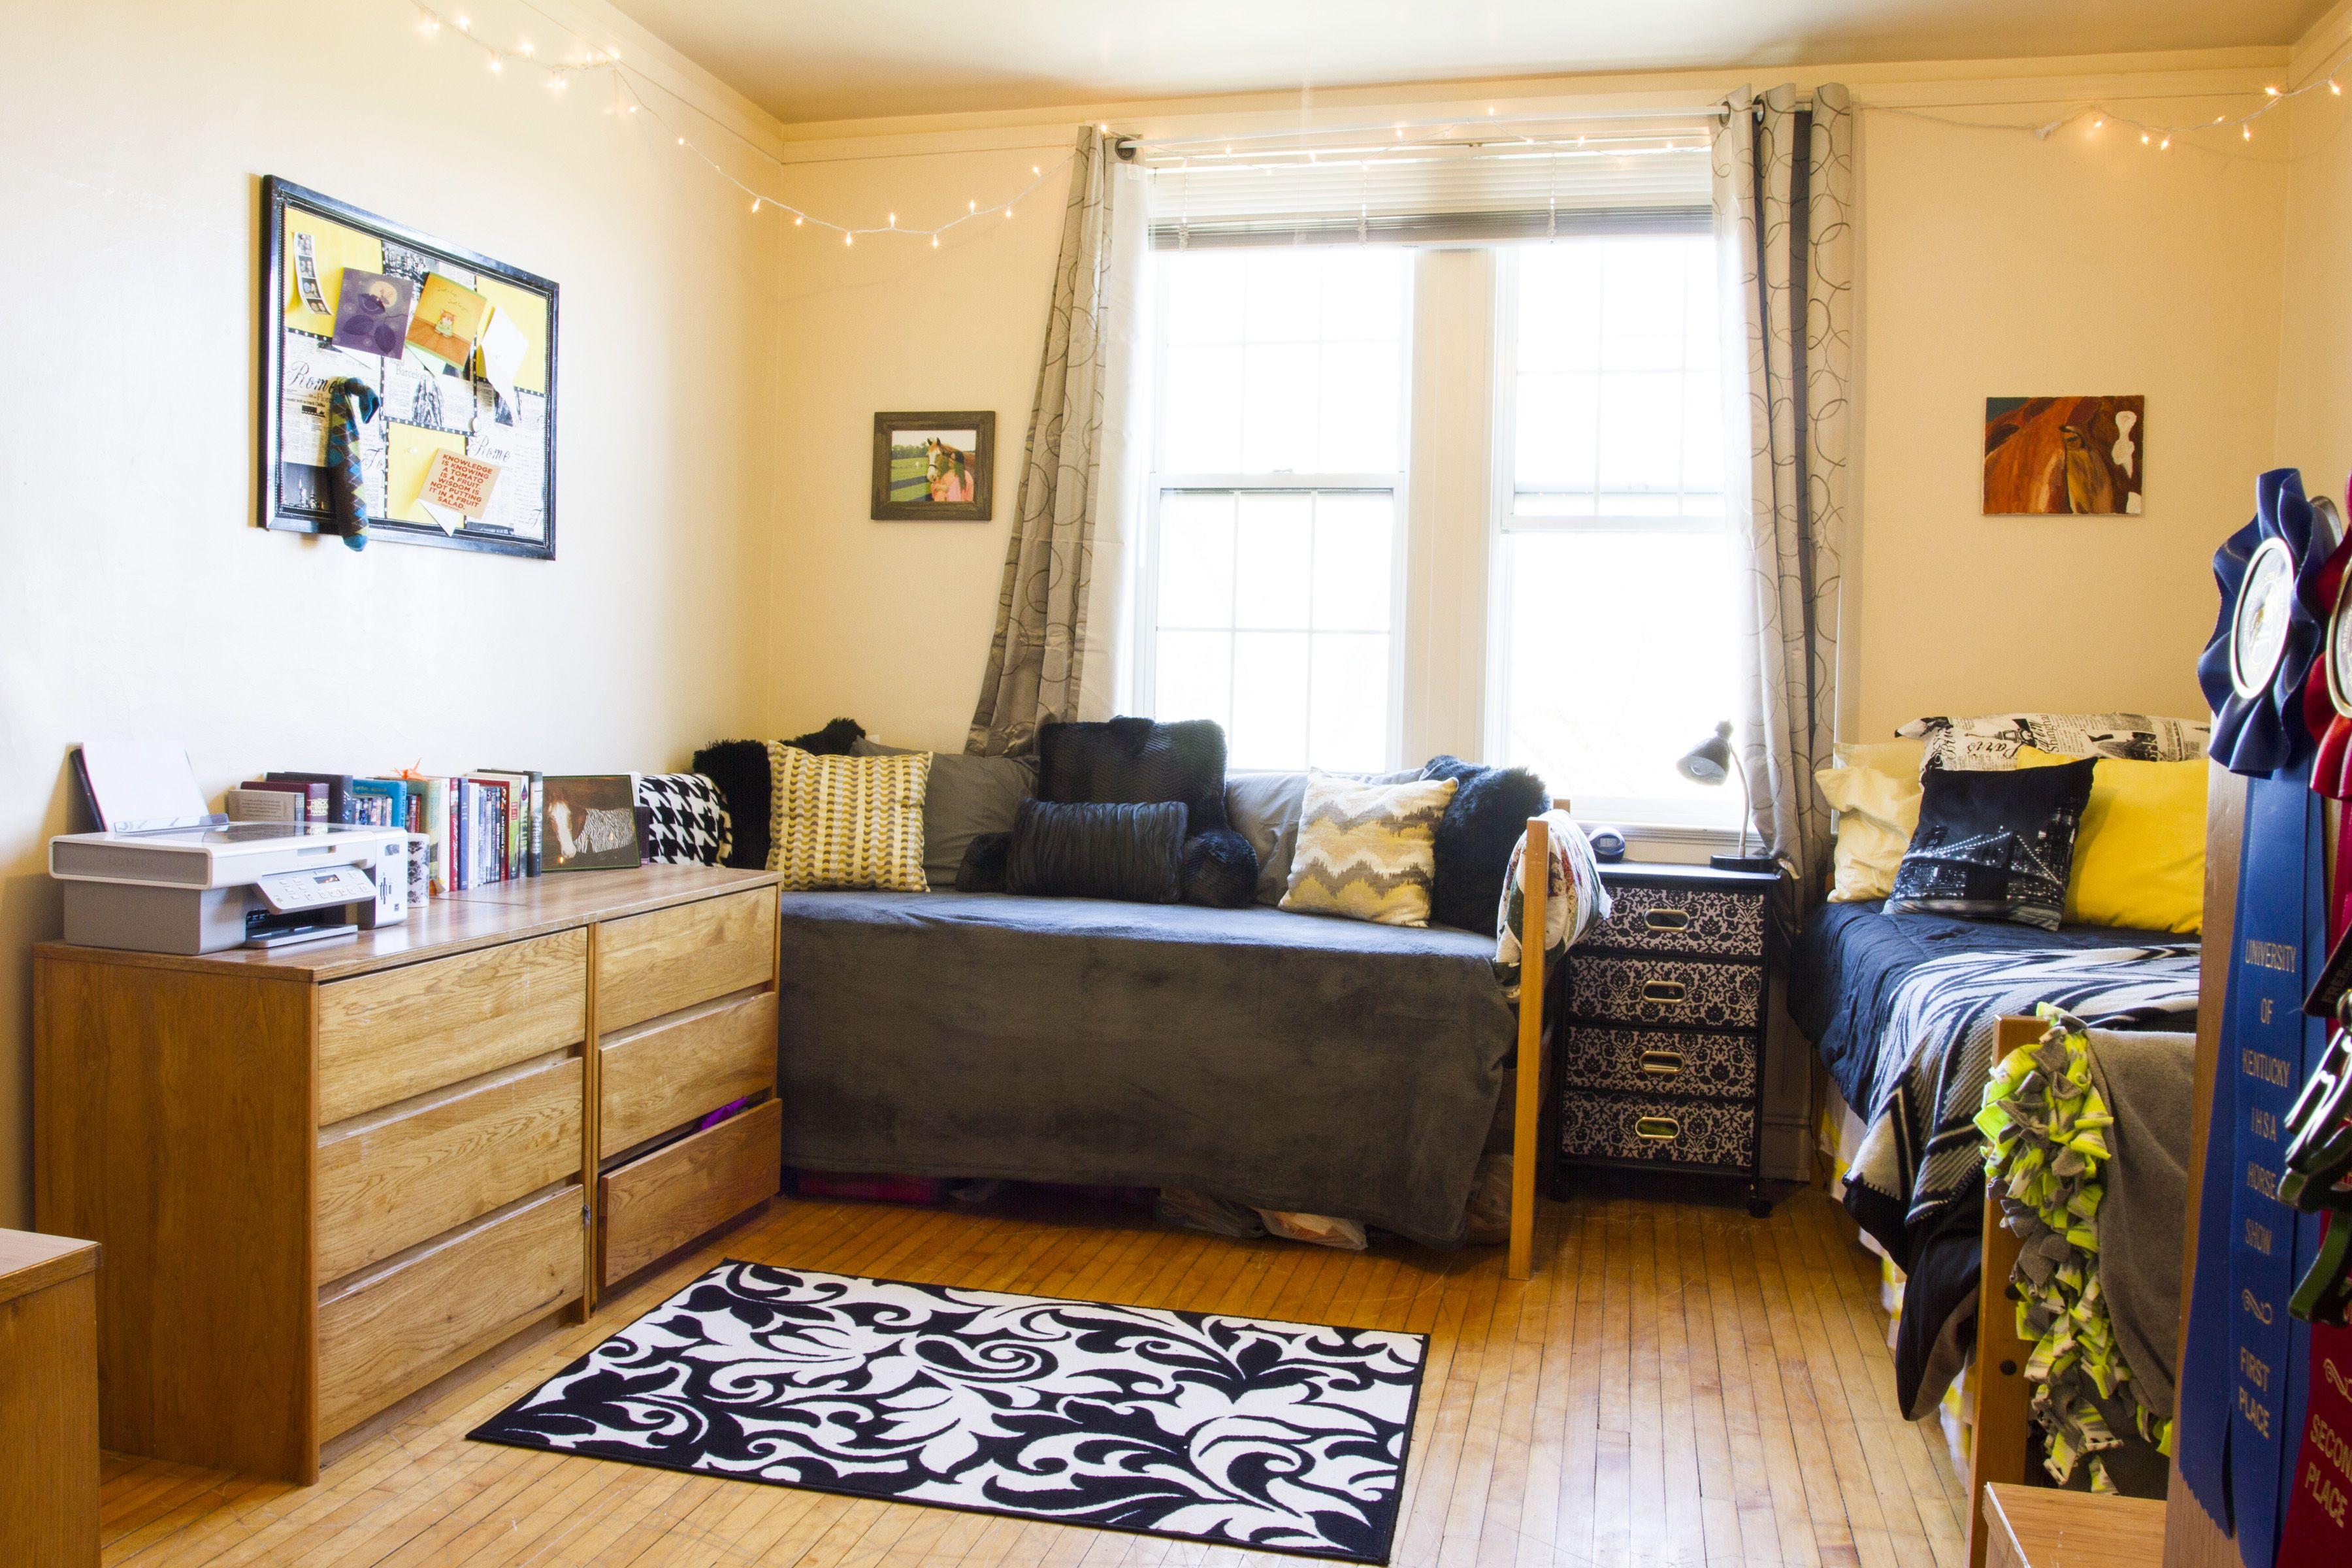 New College Dorm Setup Ideas